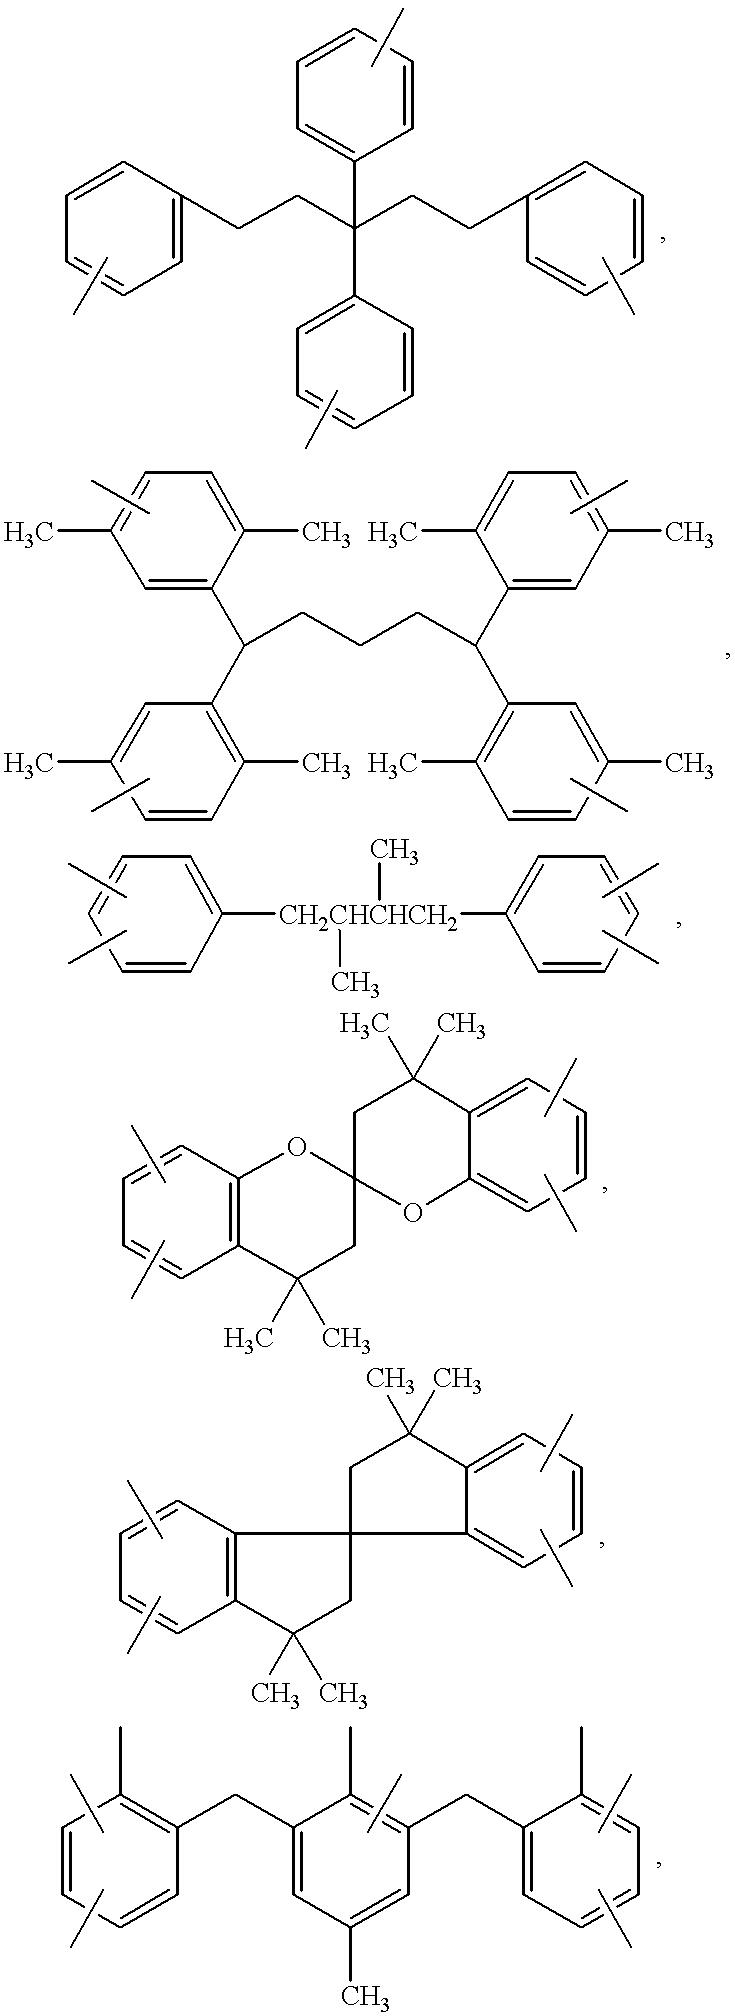 Figure US06309796-20011030-C00026